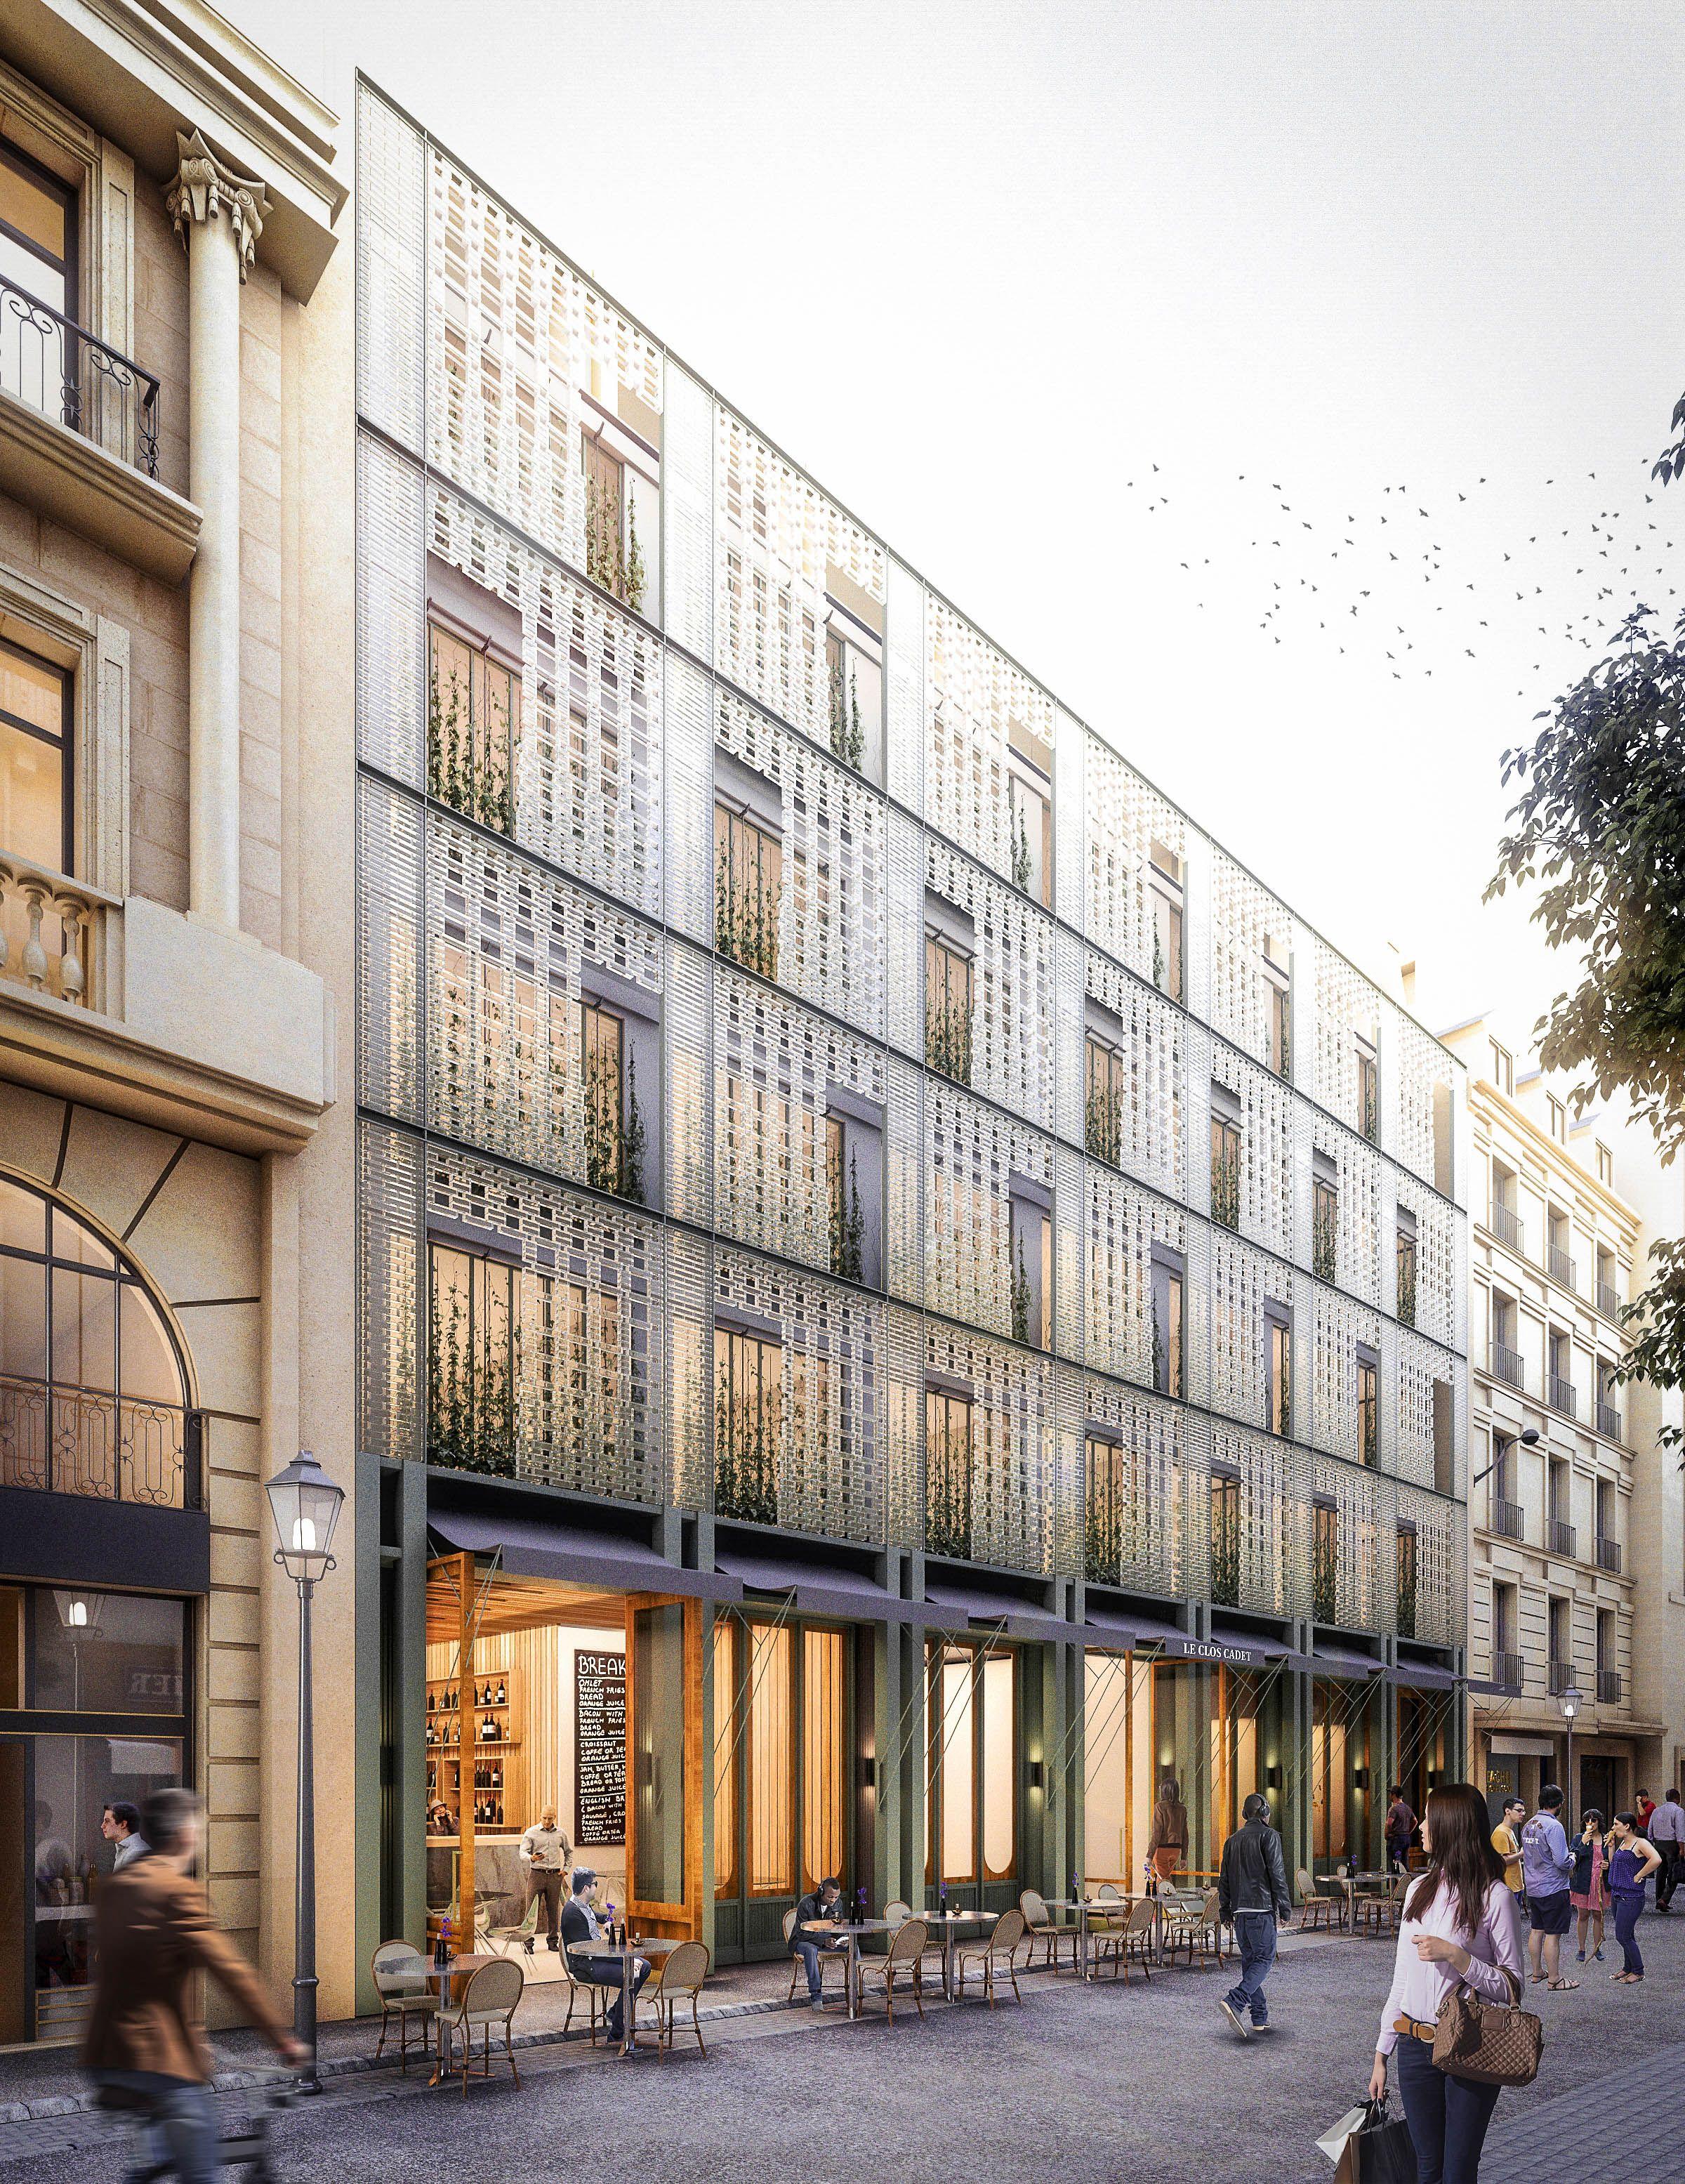 Hotel - Paris 2019